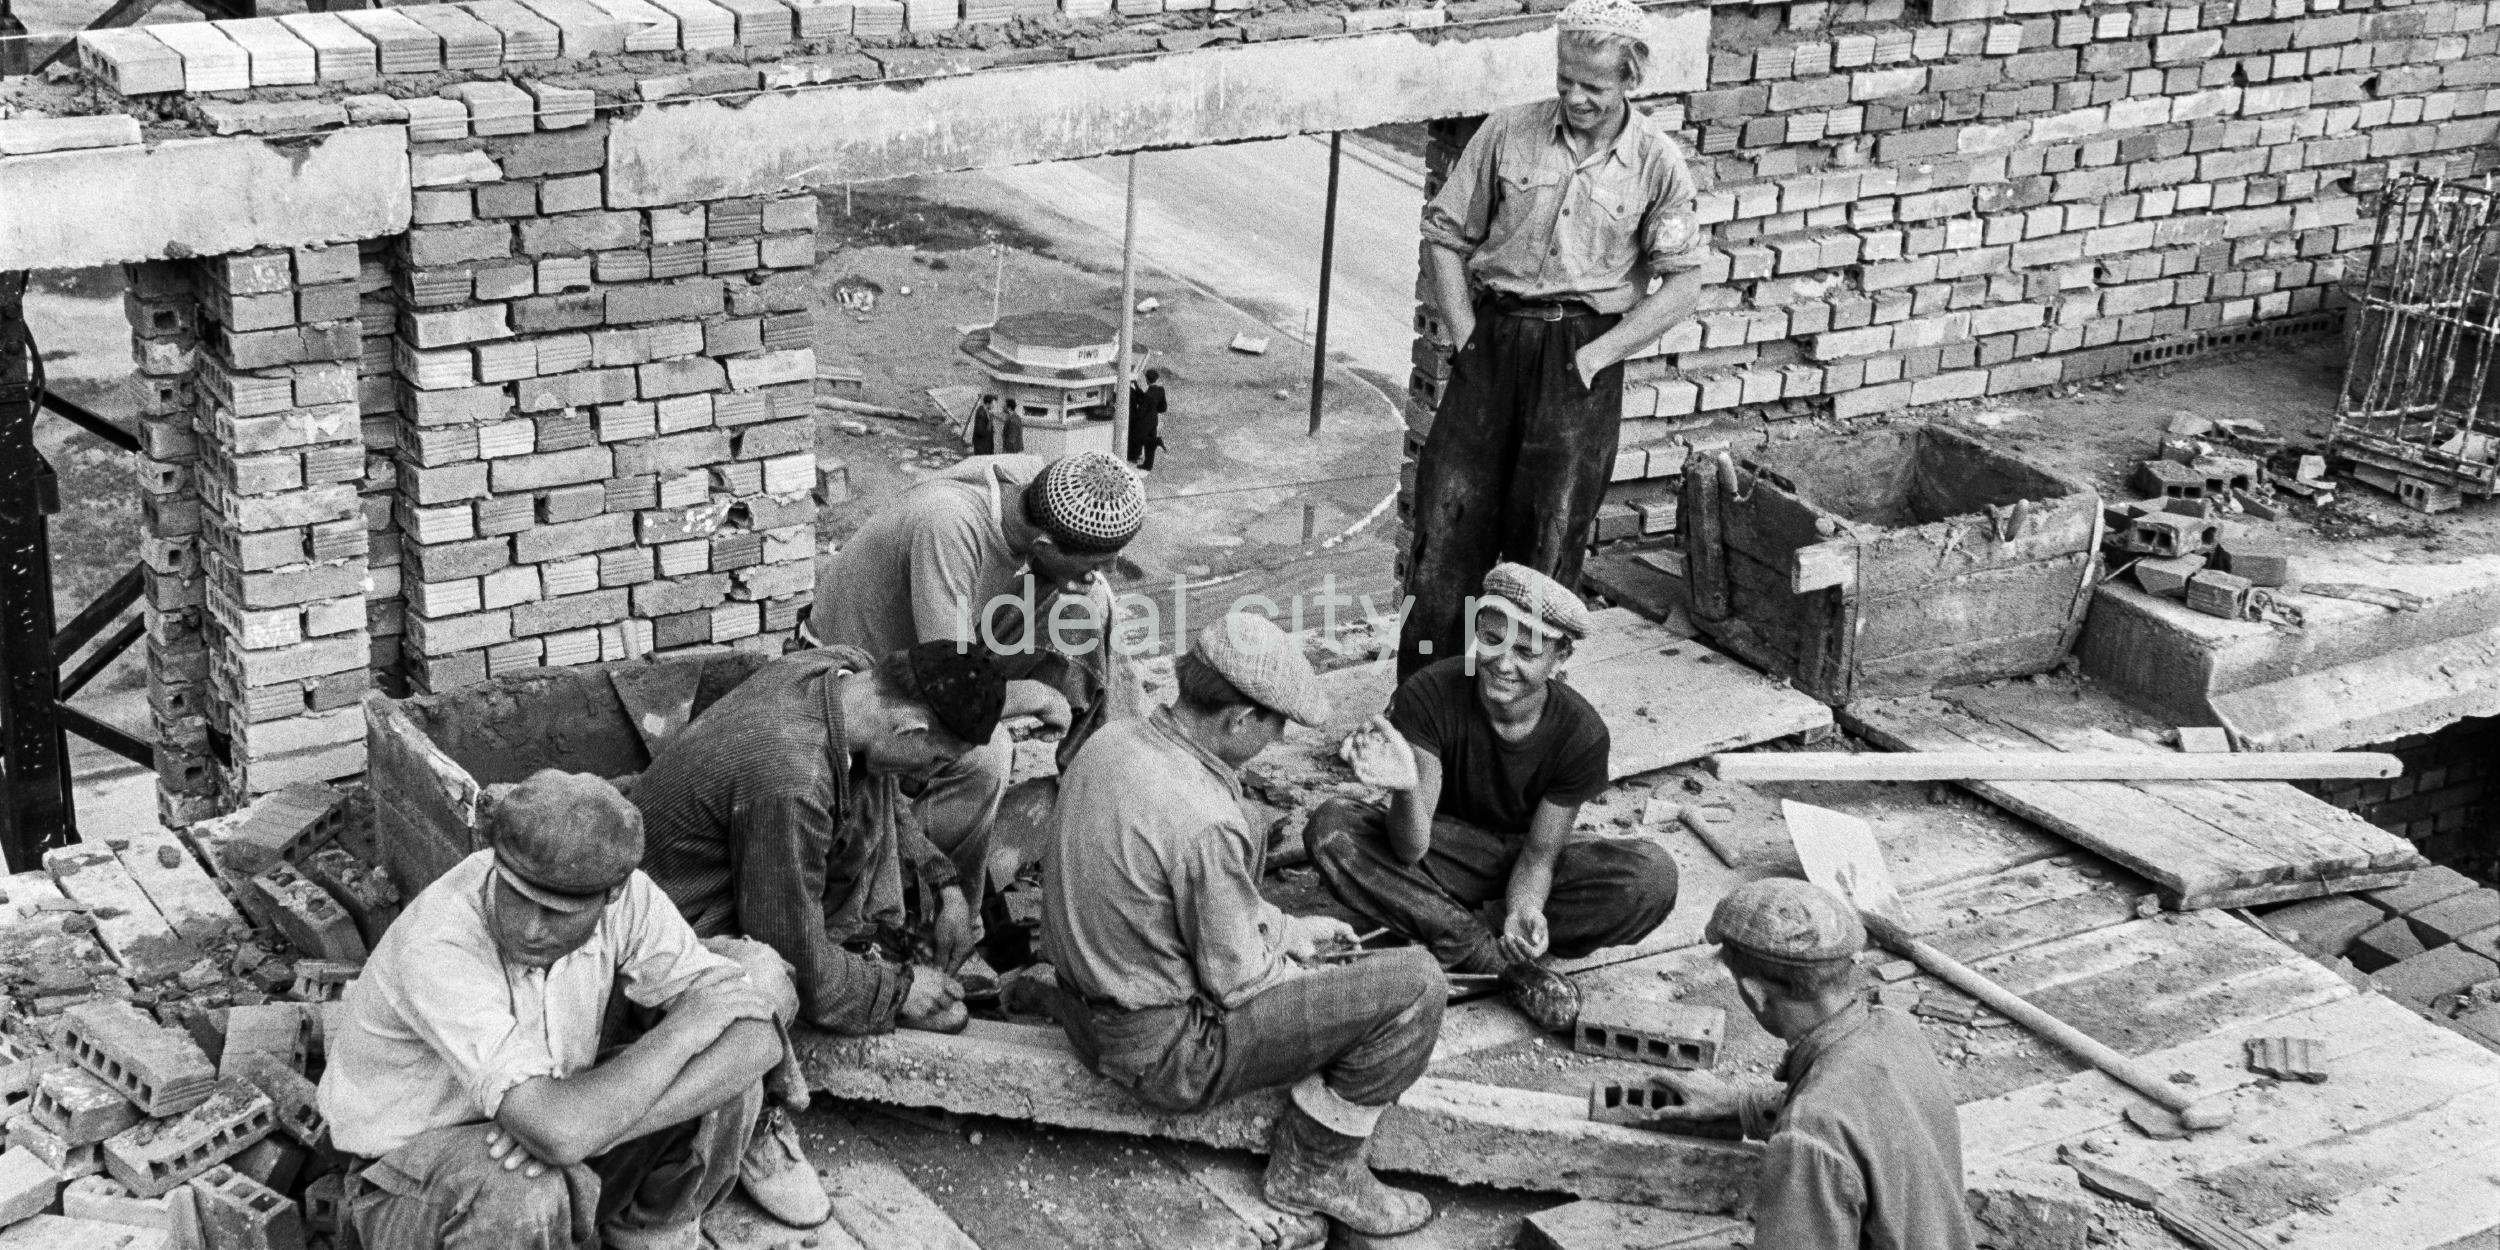 Grupa robotników w trakcie przerwy na nowo budowanej kondygnacji budynku. W perspektywie ulicy widoczna budka z piwem.